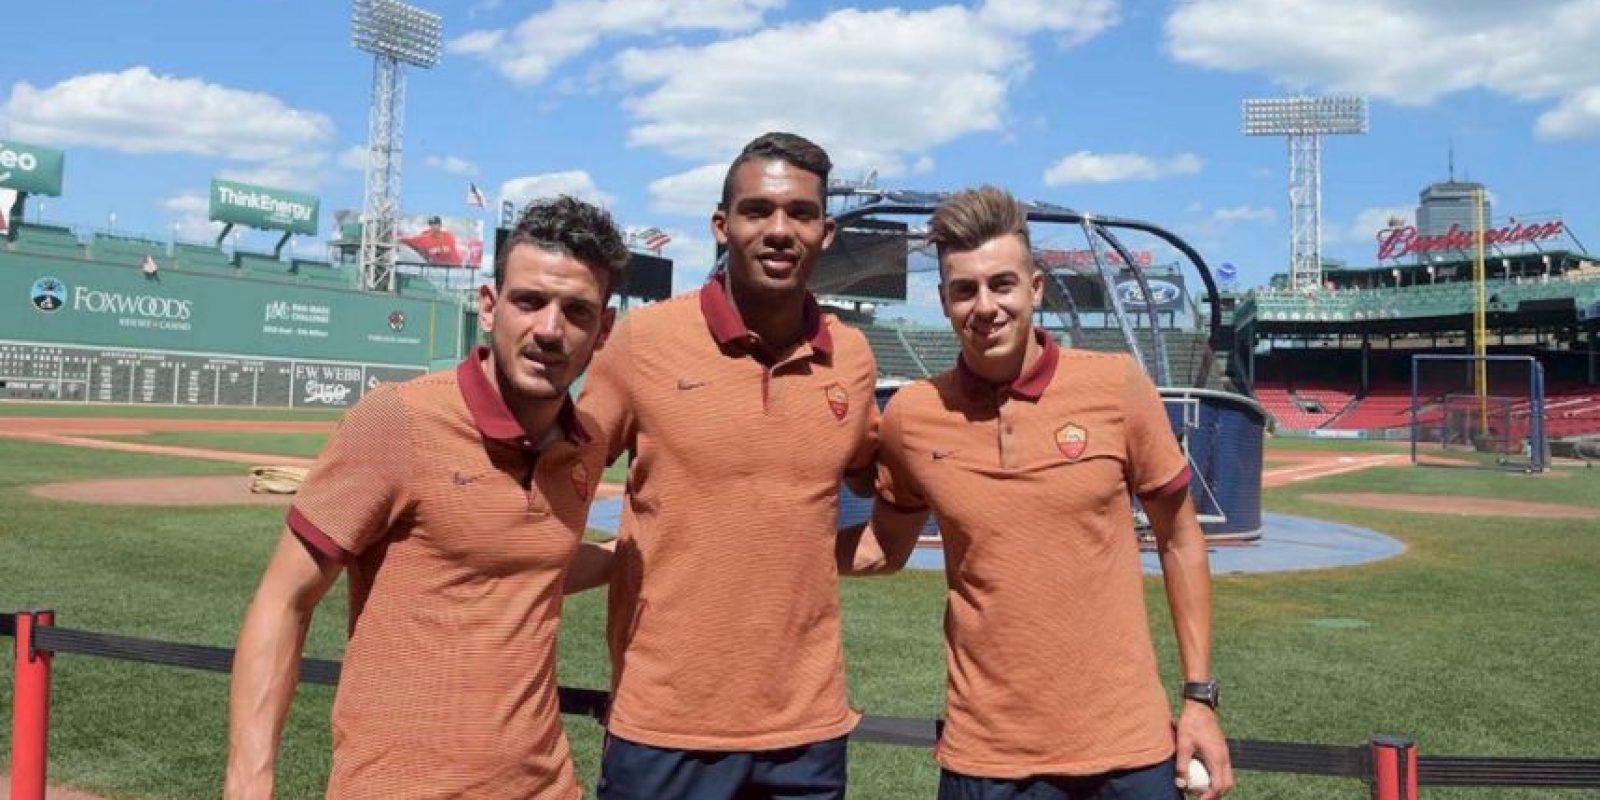 Roma ha sido otro de los equipos que ha tenido harta acción en el verano y contrató a jugadores como Stephan El Shaarawy, adquirieron a Edin Dzeko y Mohamed Salah tras su préstamo en la temporada pasada Foto:Twitter Roma